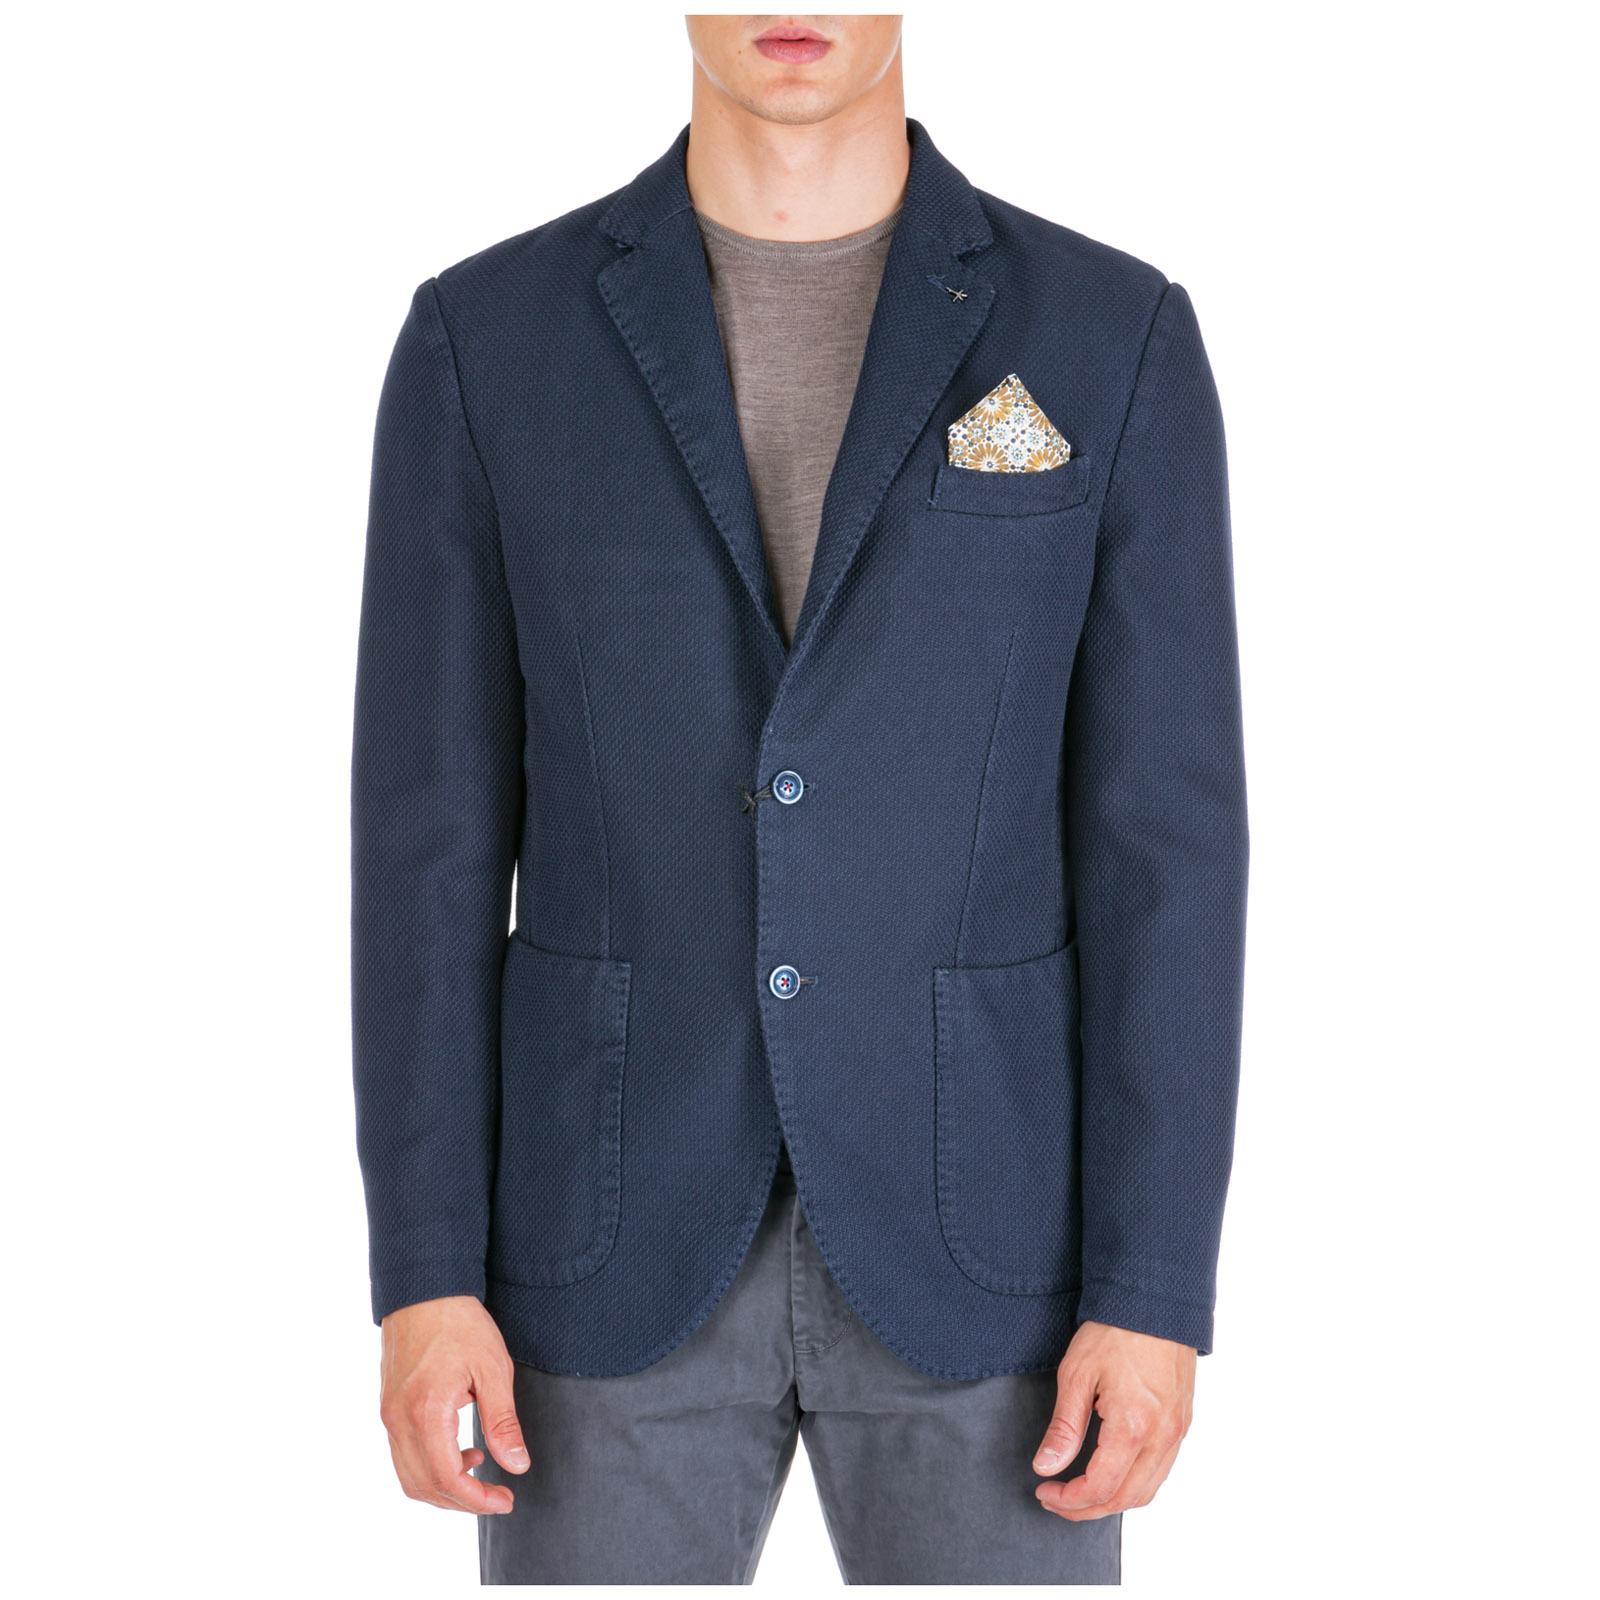 giacca classica uomo destinazione d'uso